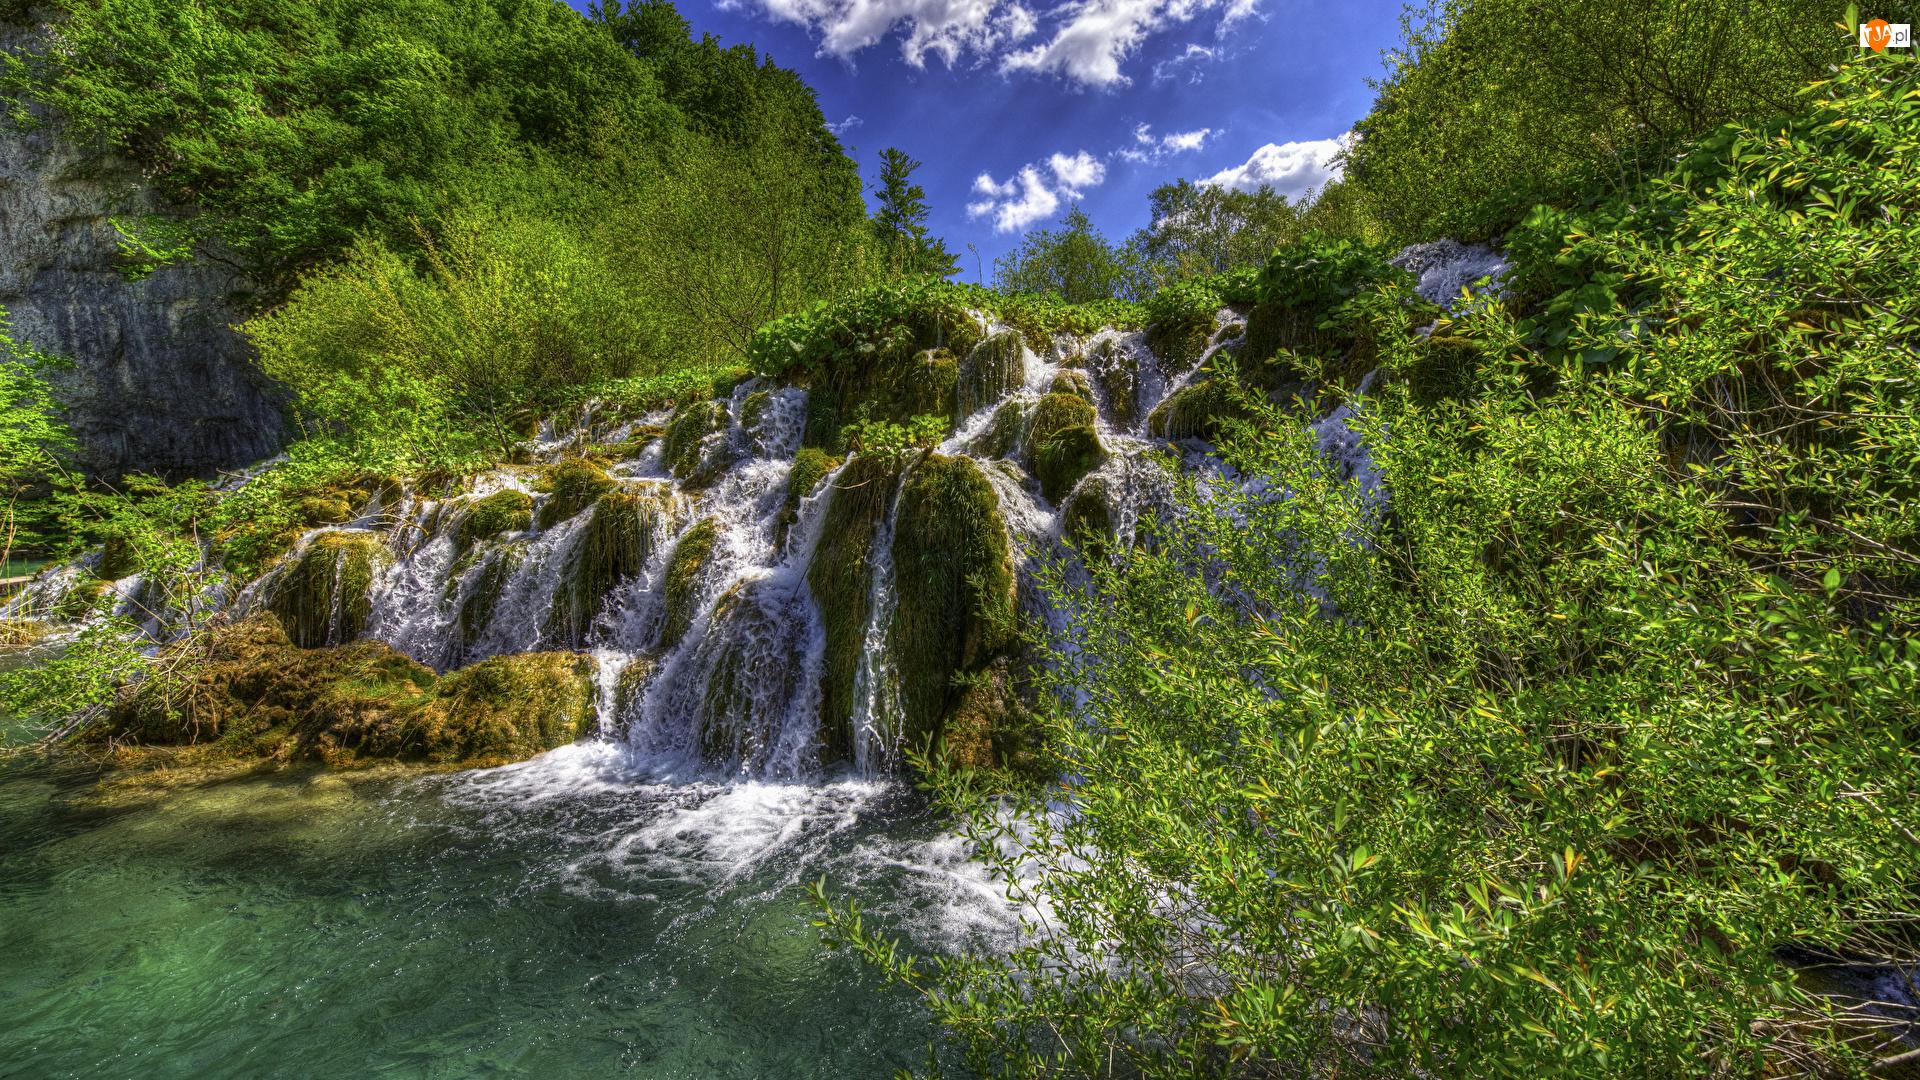 Wodospad, Roślinność, Chorwacja, Park Narodowy Jezior Plitwickich, Drzewa